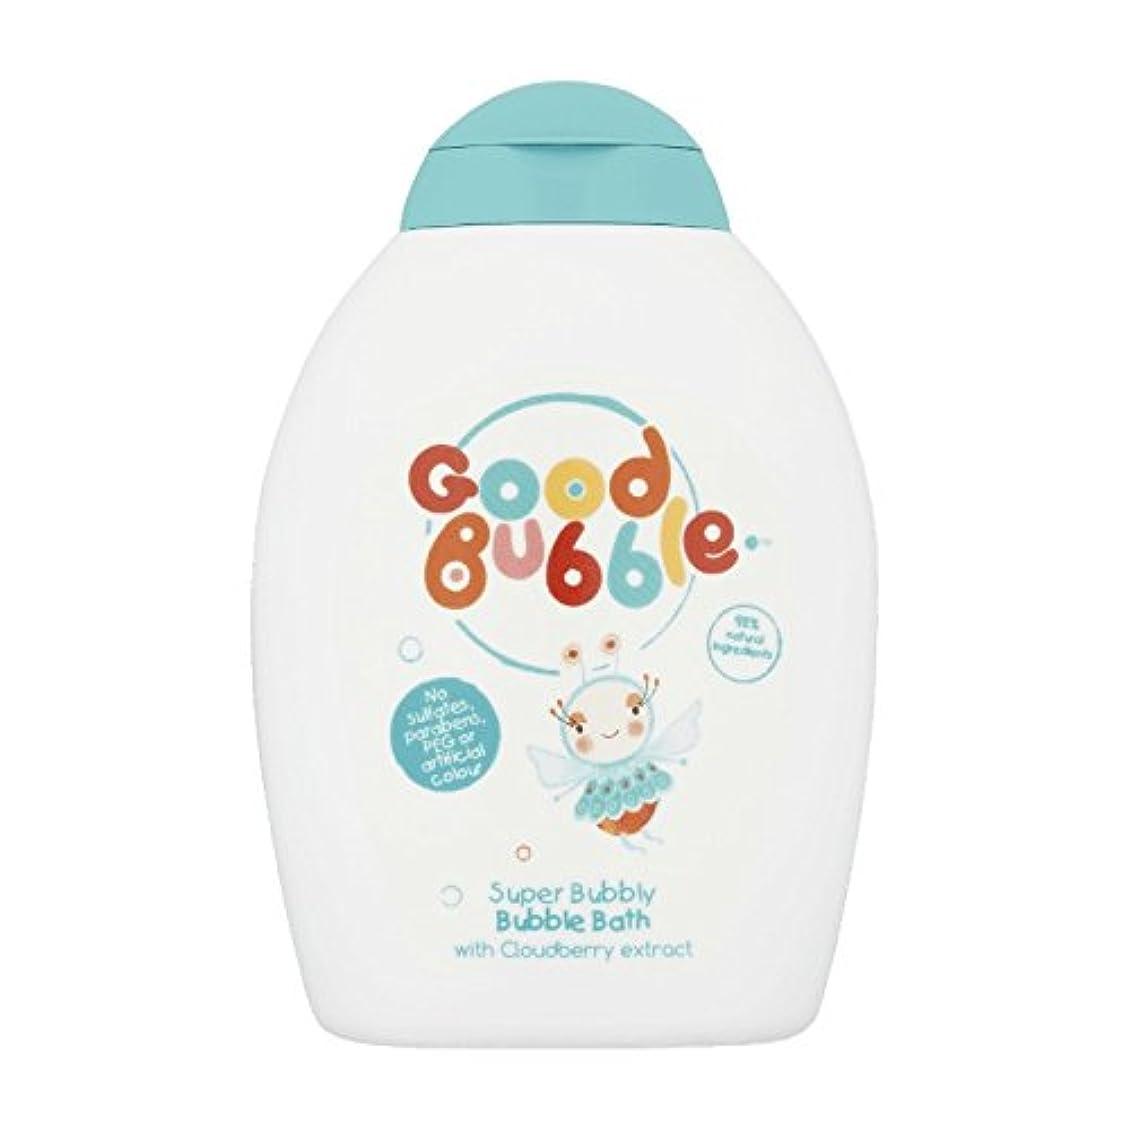 に沿ってデュアルレイアウト良いバブルクラウドベリーバブルバス400ミリリットル - Good Bubble Cloudberry Bubble Bath 400ml (Good Bubble) [並行輸入品]